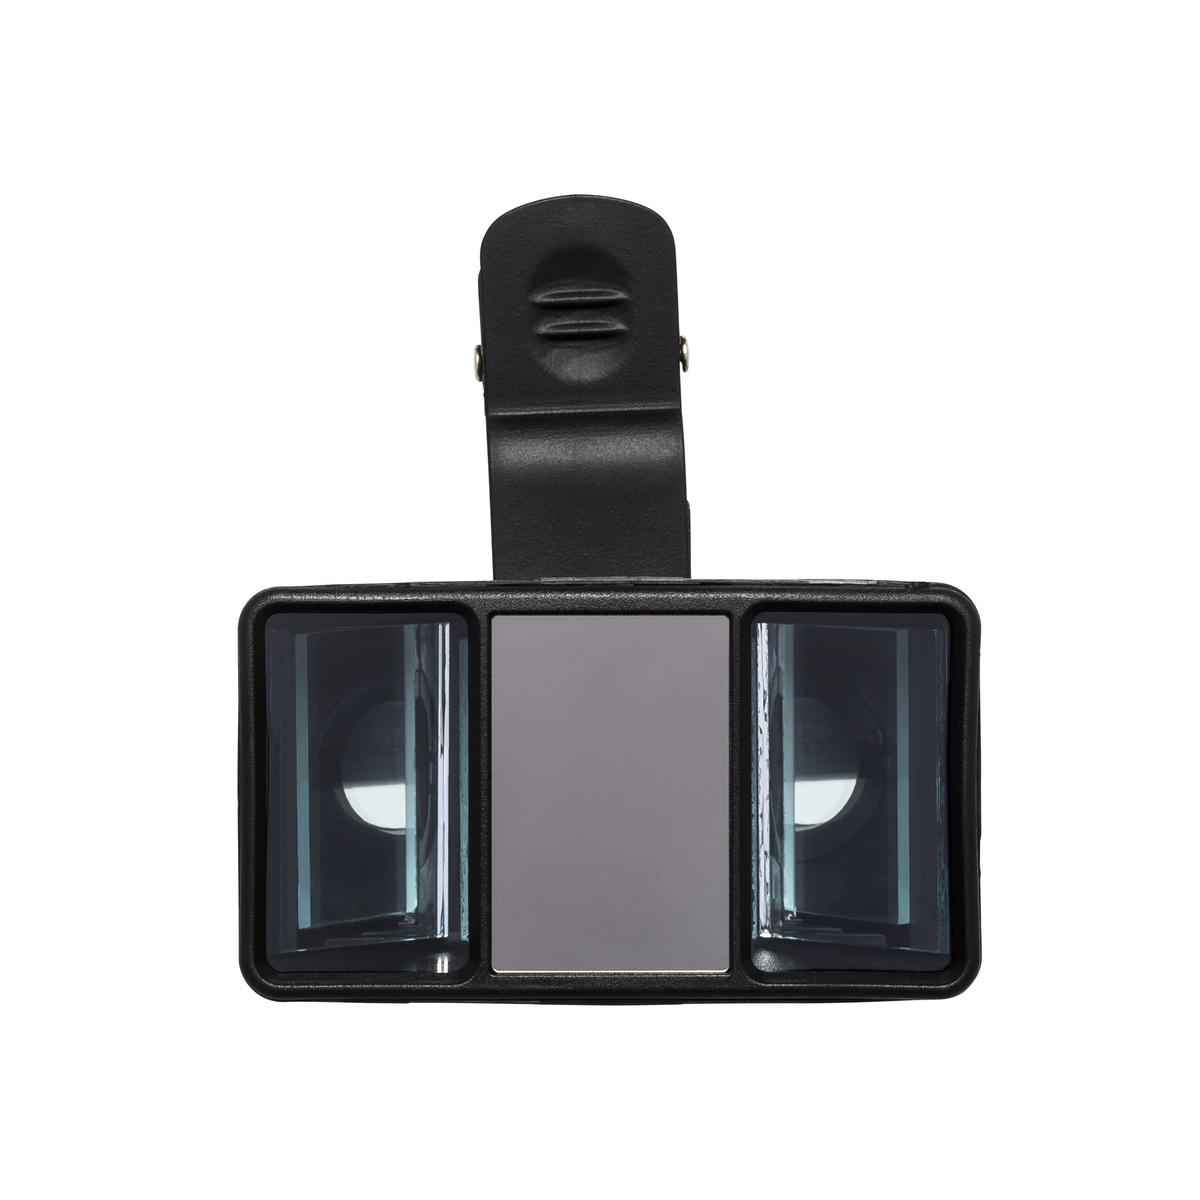 3D Aufsatzlinse fürs Smartphone